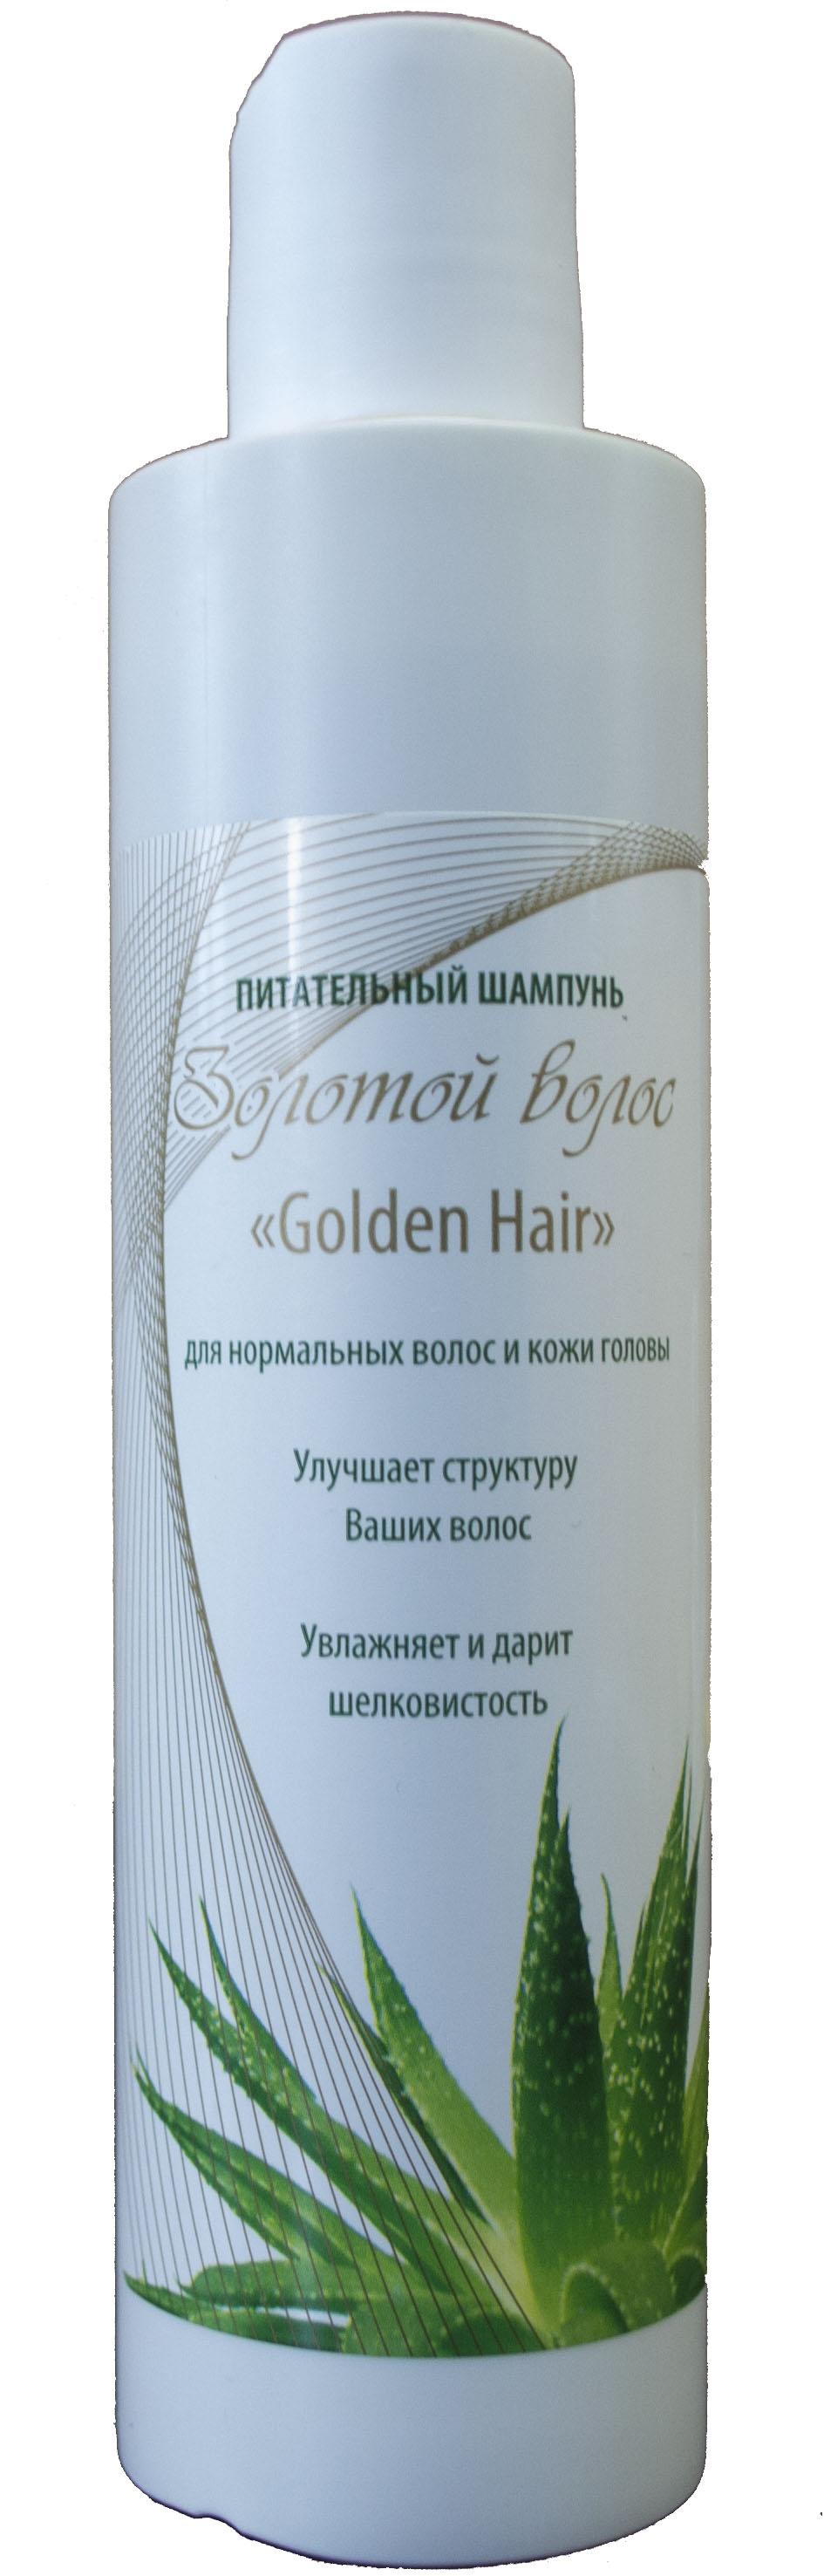 Шампунь для нормальных волос Золотой волос